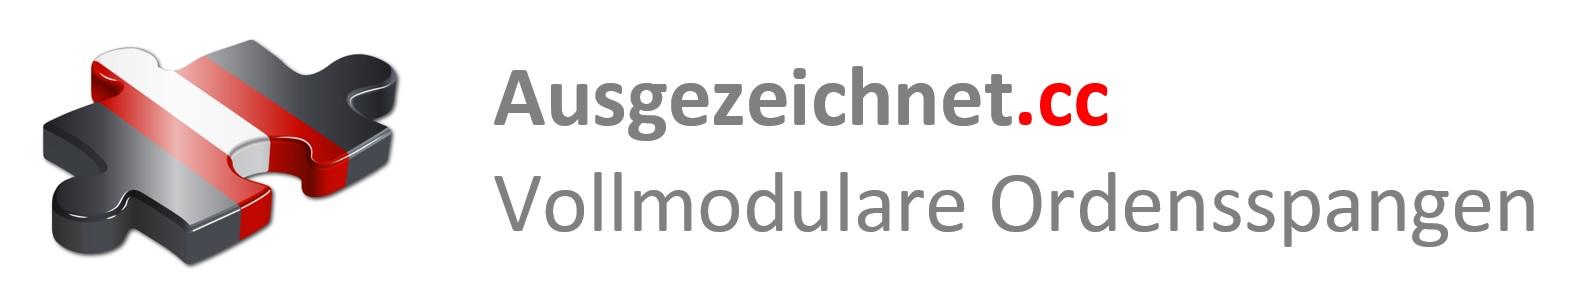 Logo_Ausgezeichnet.cc